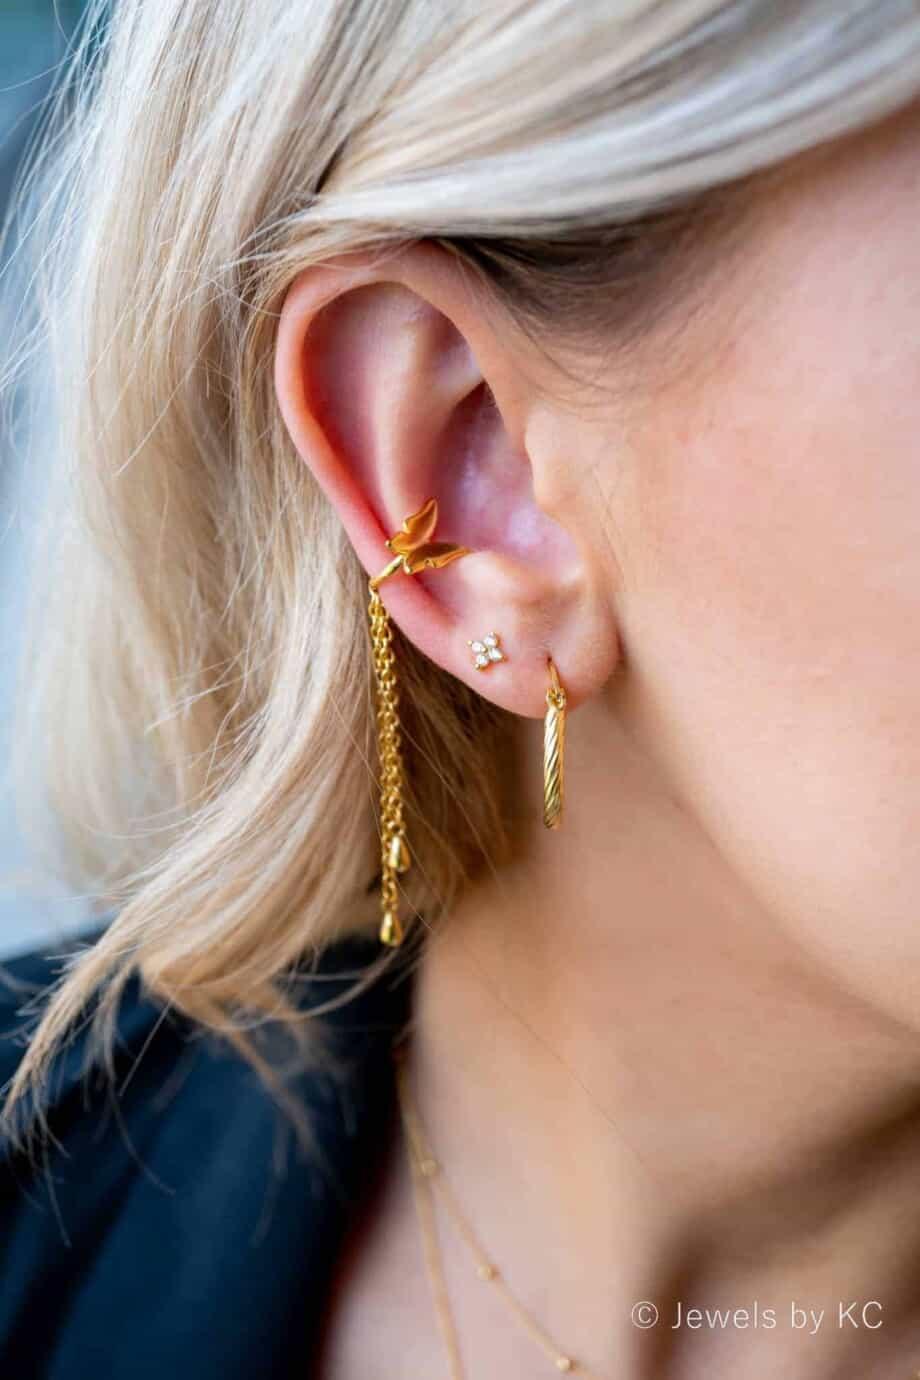 Gouden ear cuff 'Butterfly' van Goud op Zilver